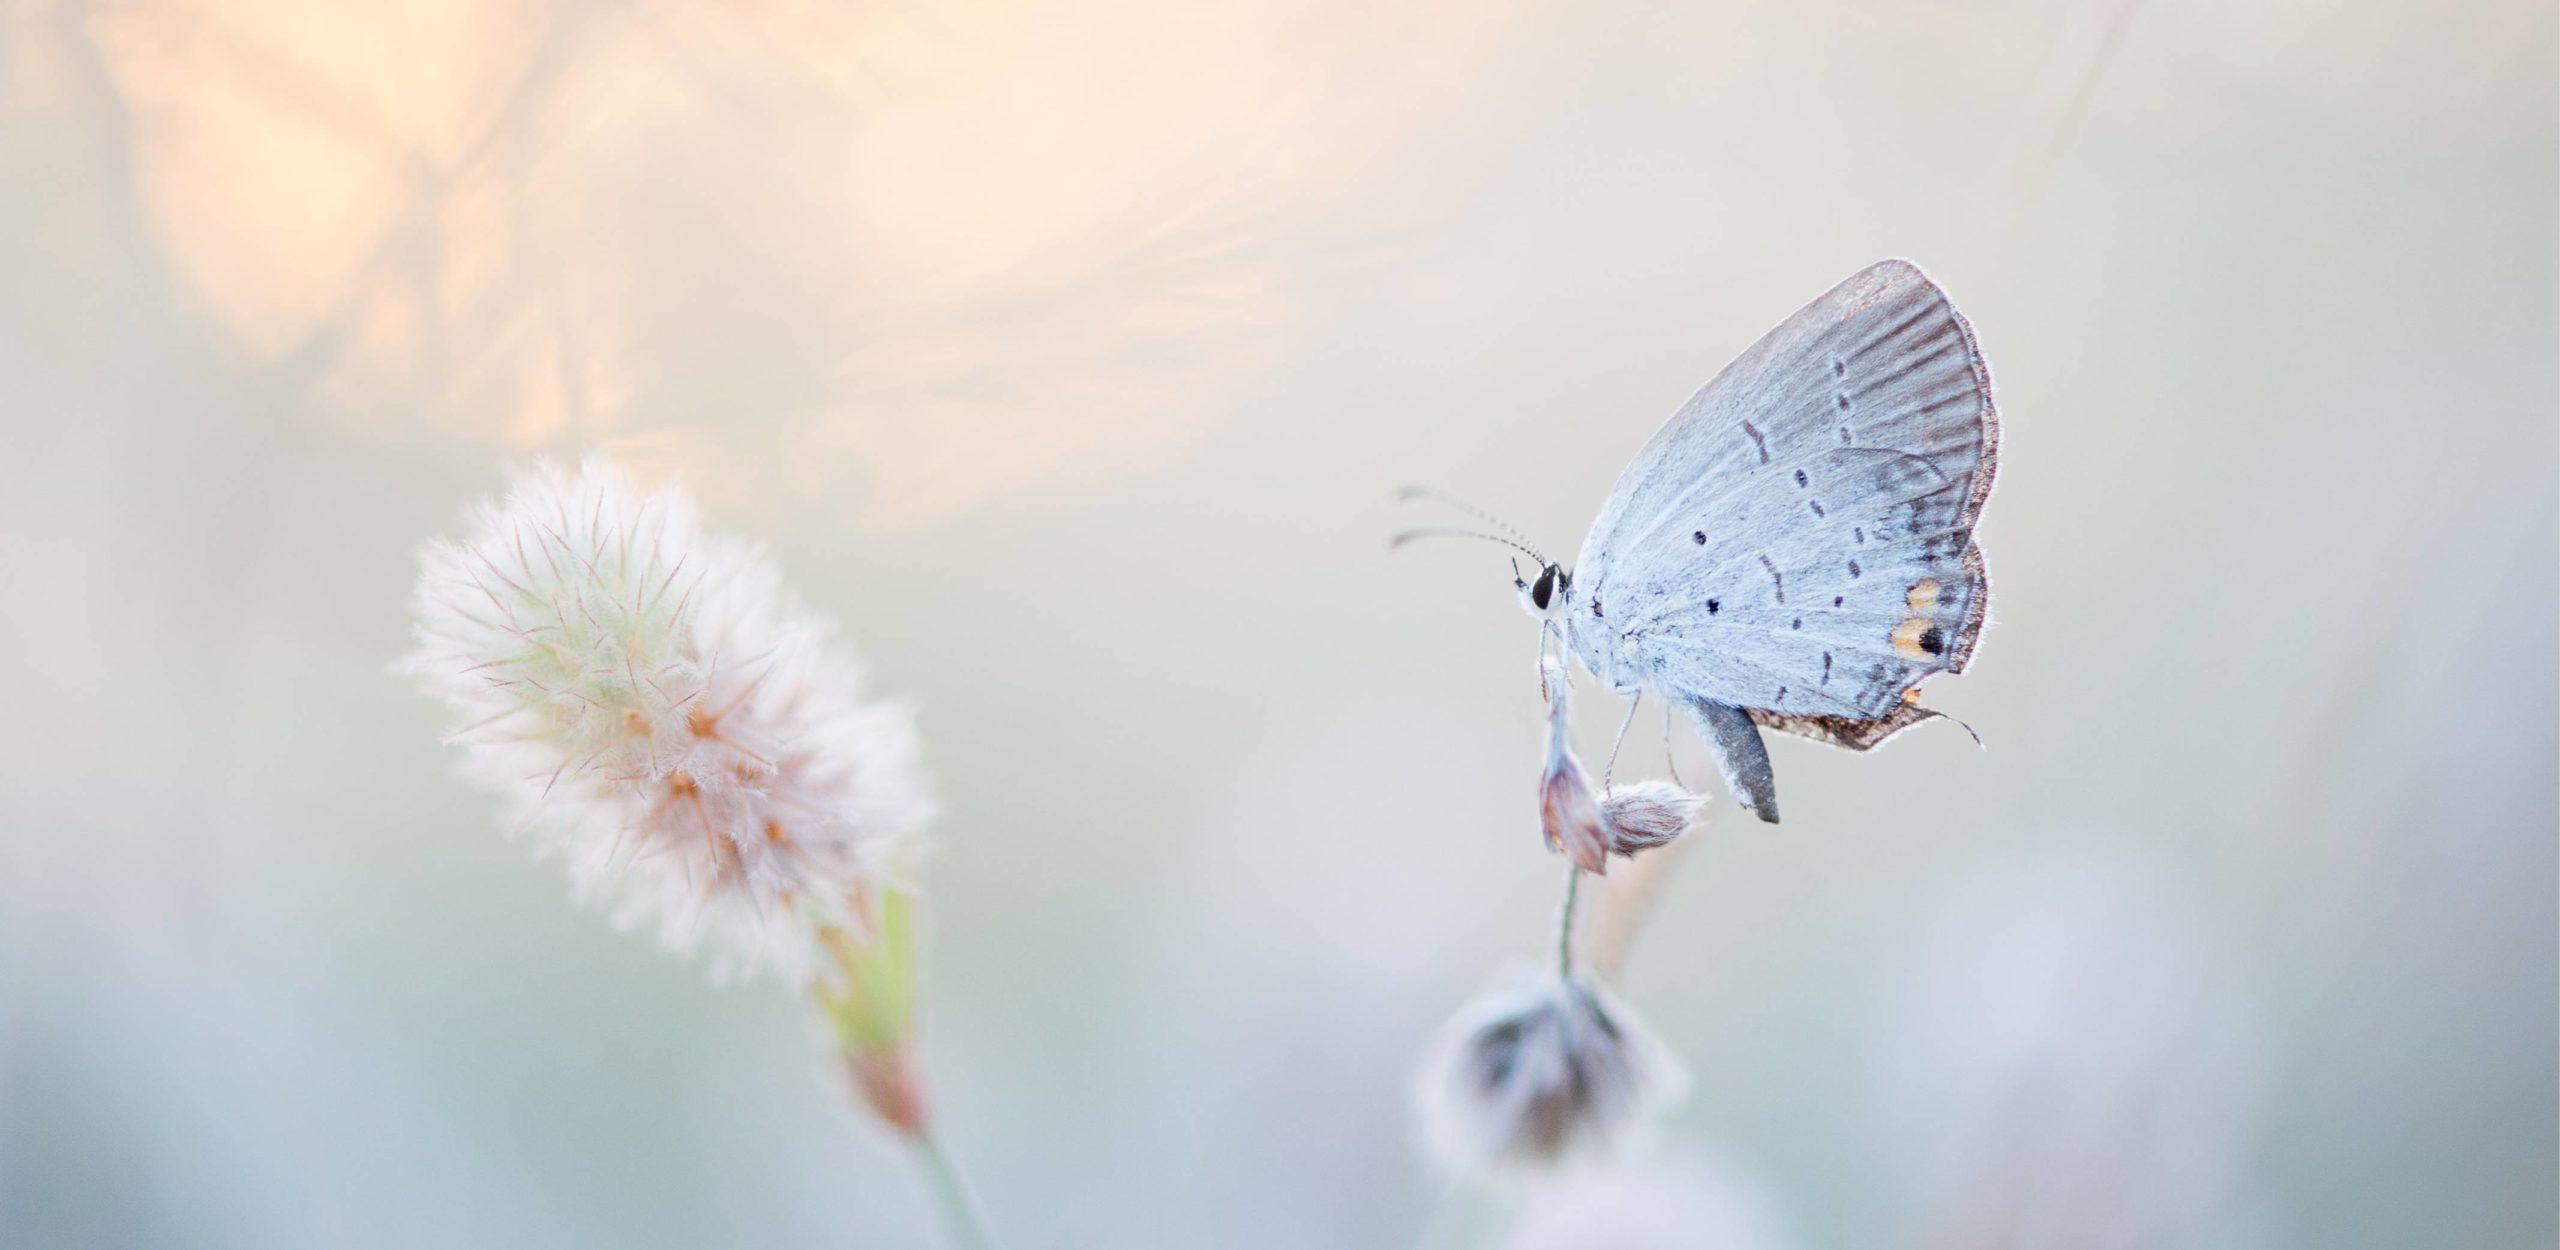 Ausbildung - Schmetterling auf einer Blume